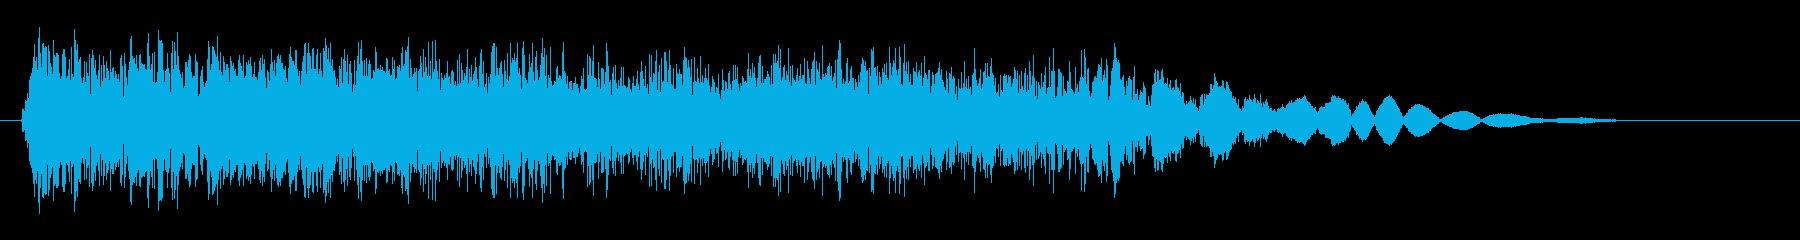 プシュー!(勢いよく噴出するエアー音)の再生済みの波形